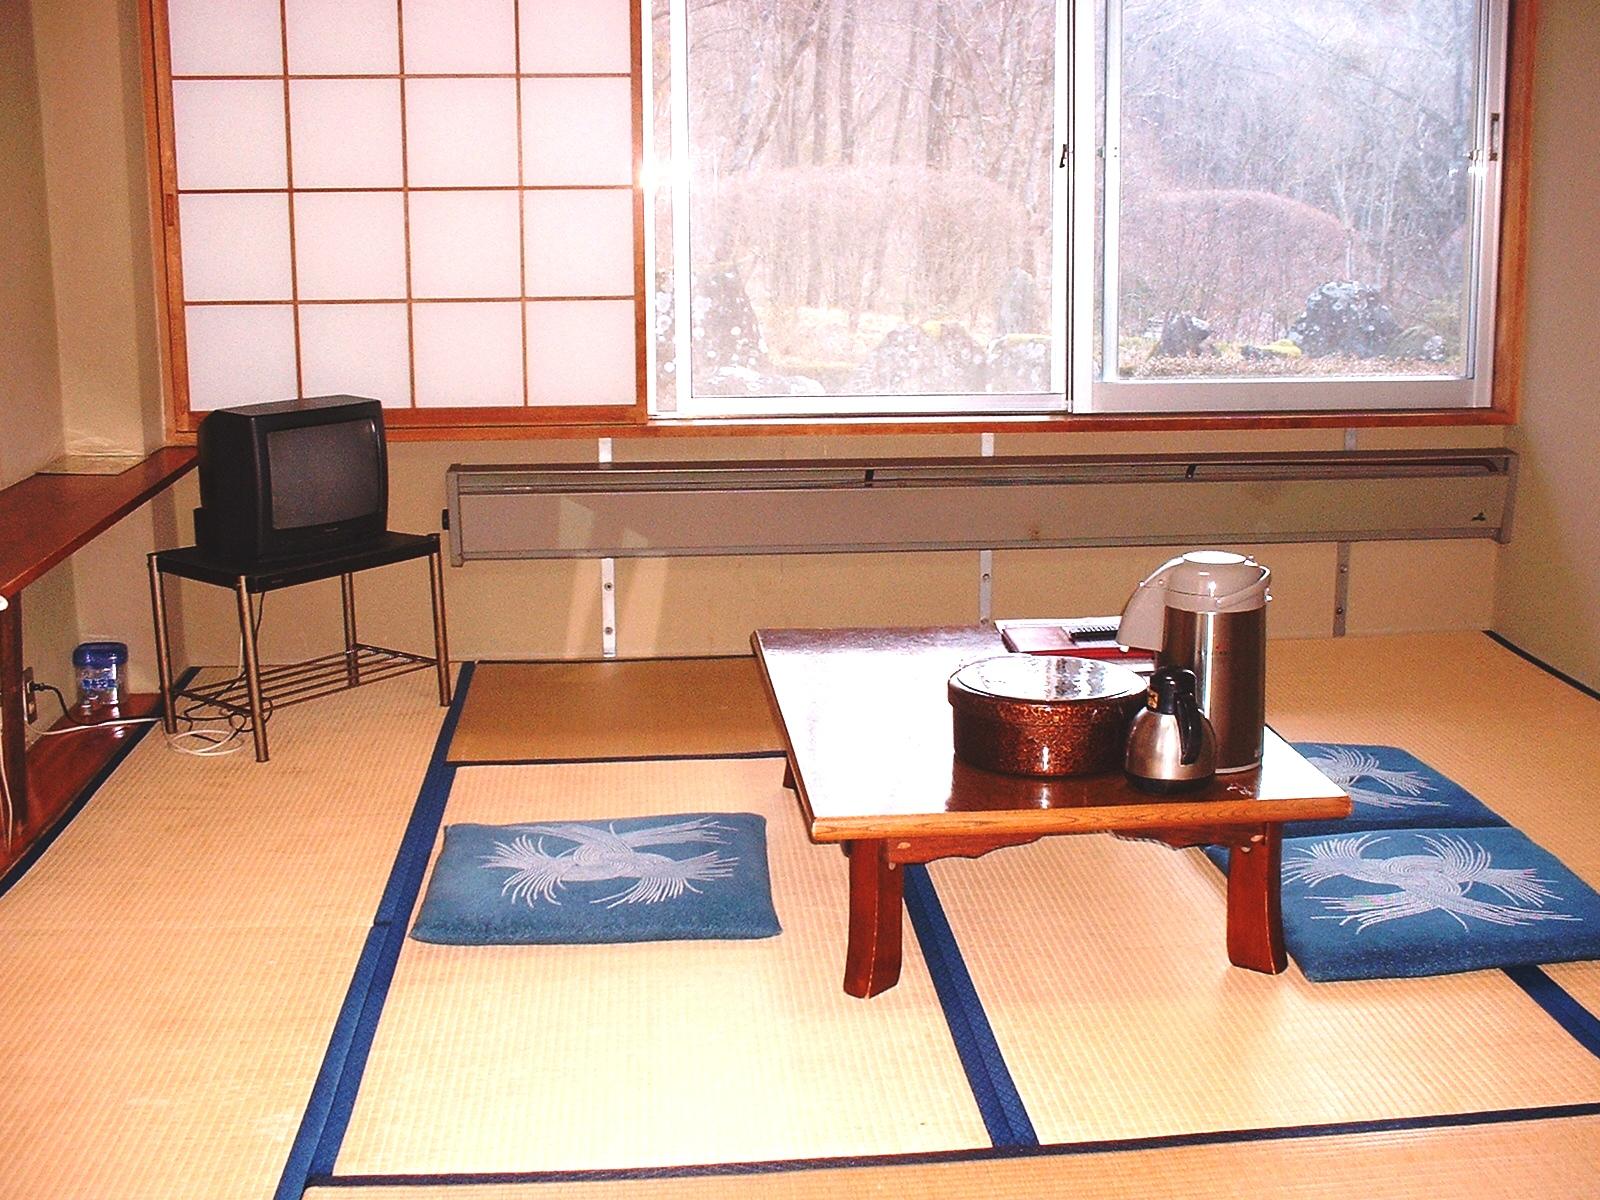 遠野ドライビングスクールの宿泊施設詳細